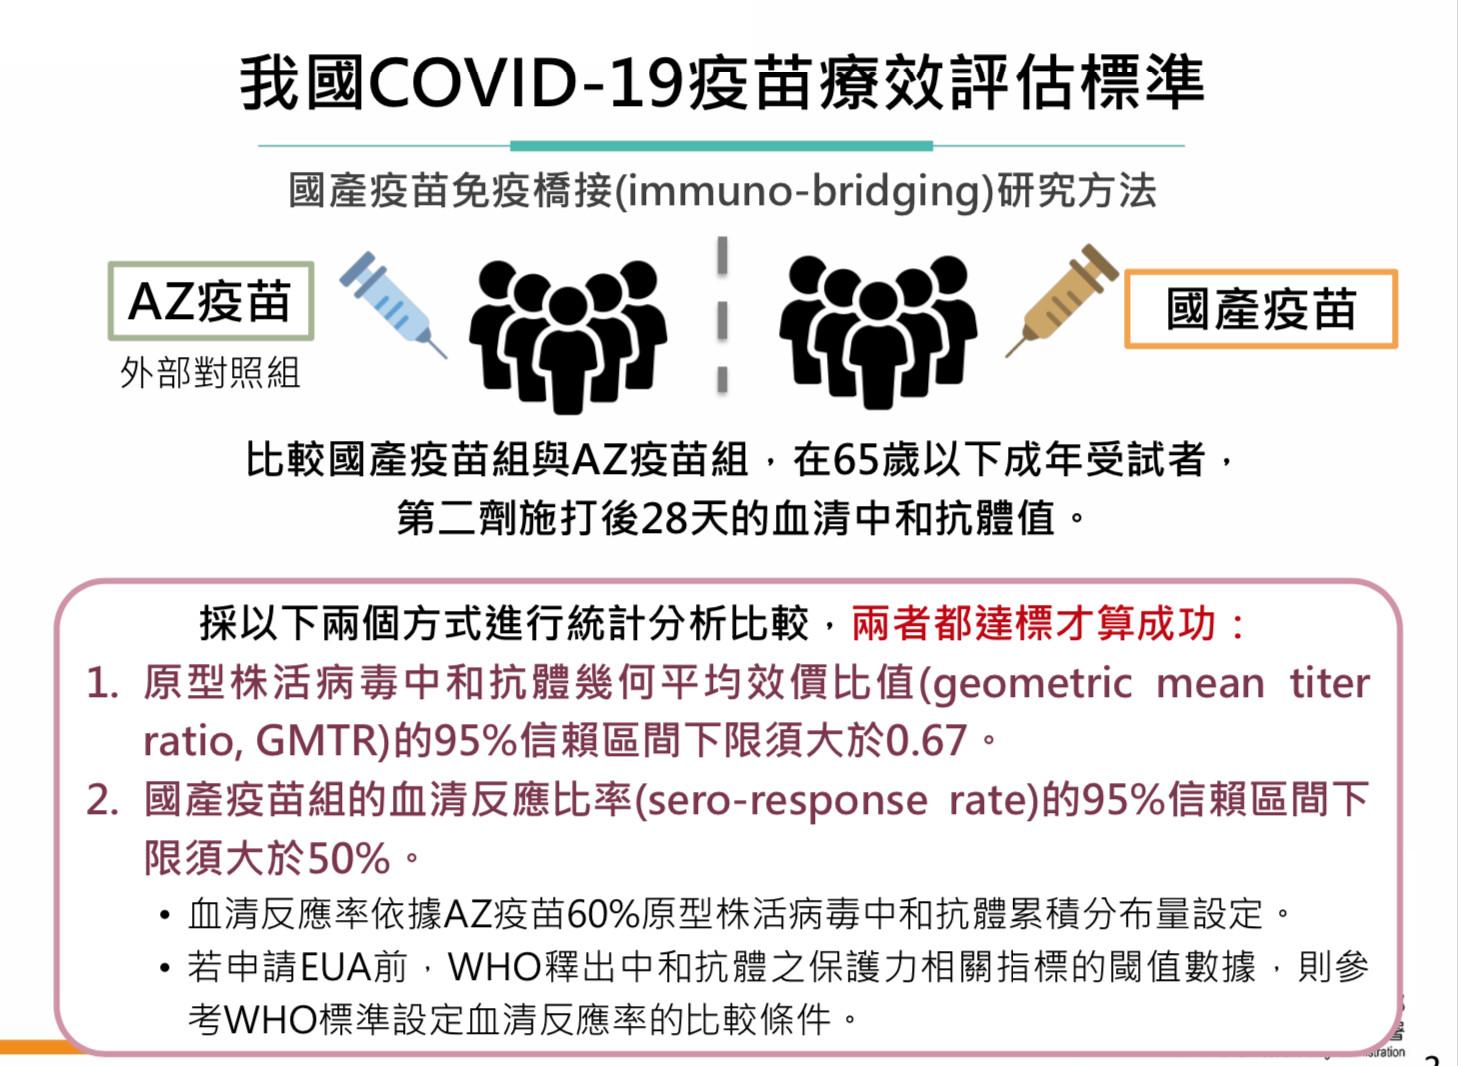 疫苗,COVID-19,高端,聯亞,EUA,臨床,免疫橋接,WHO,解盲,食藥署